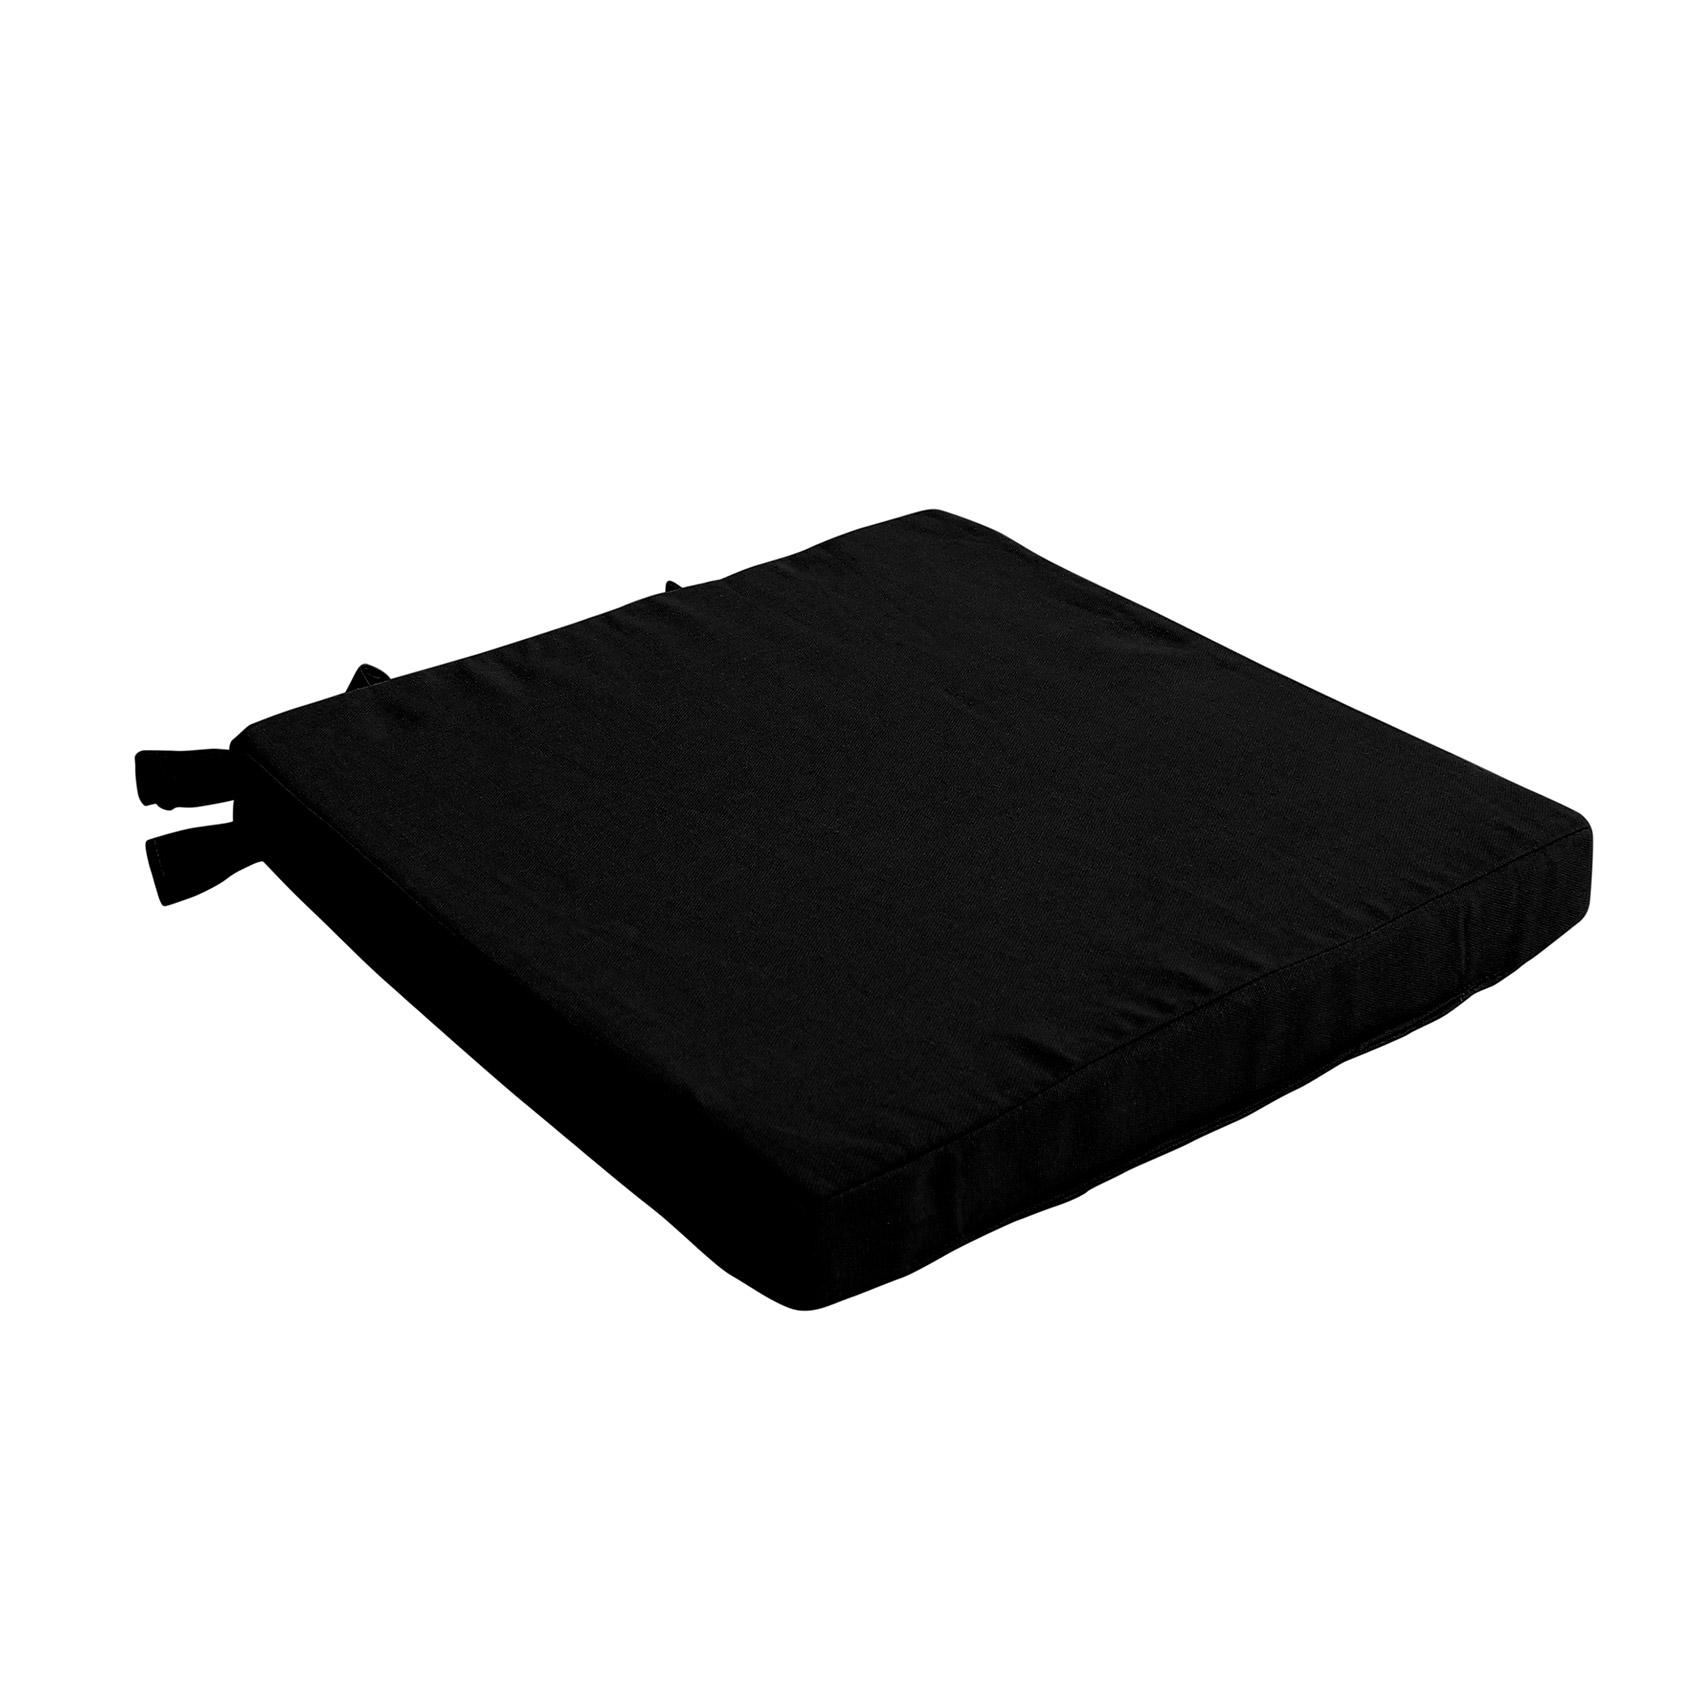 Galette de chaise uni en pur coton coton noir 38x38